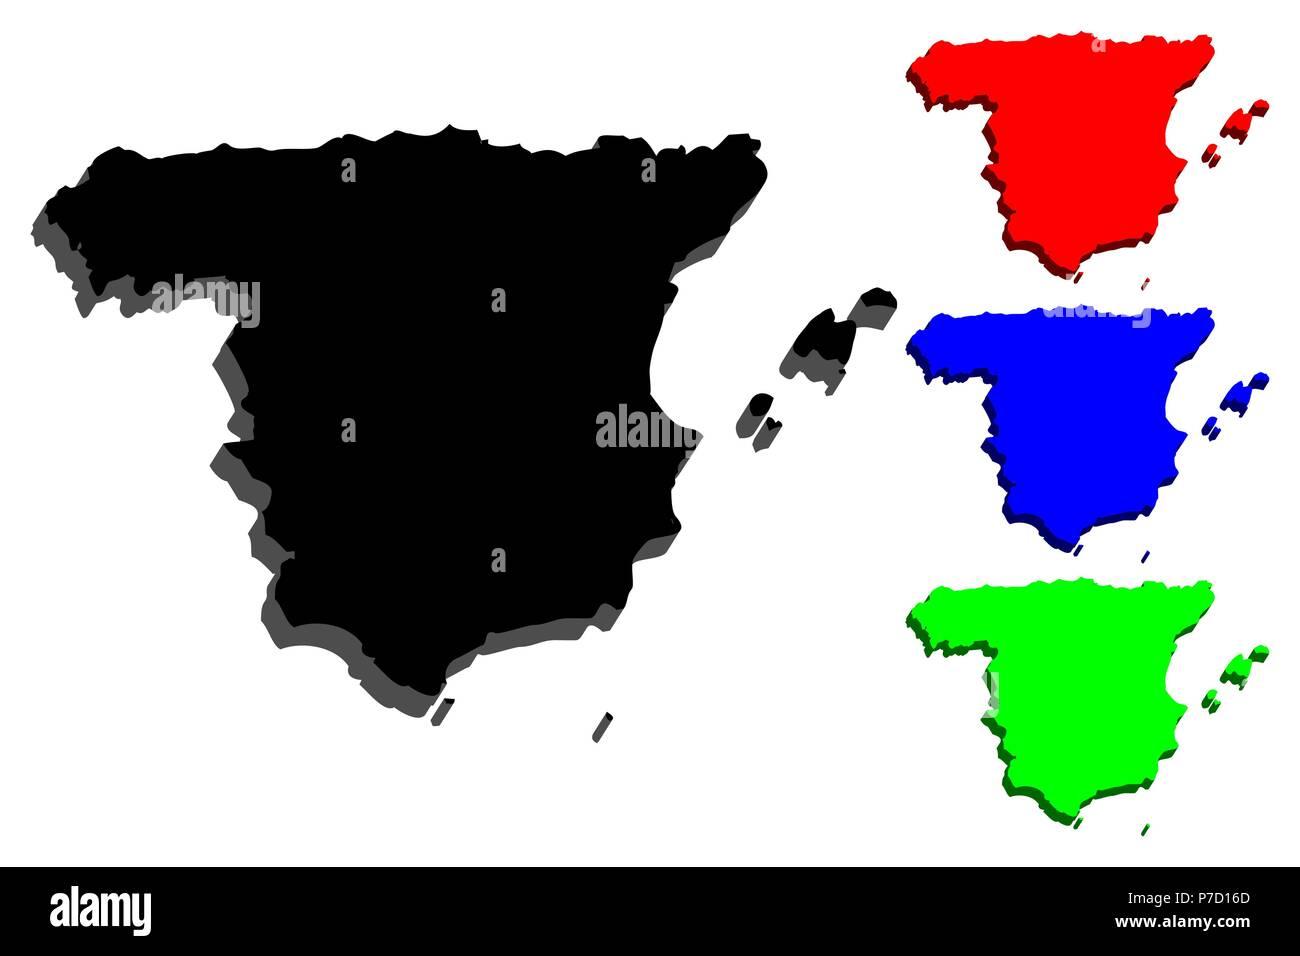 Carte Espagne Noir.3d De La Carte De L Espagne Royaume D Espagne Noir